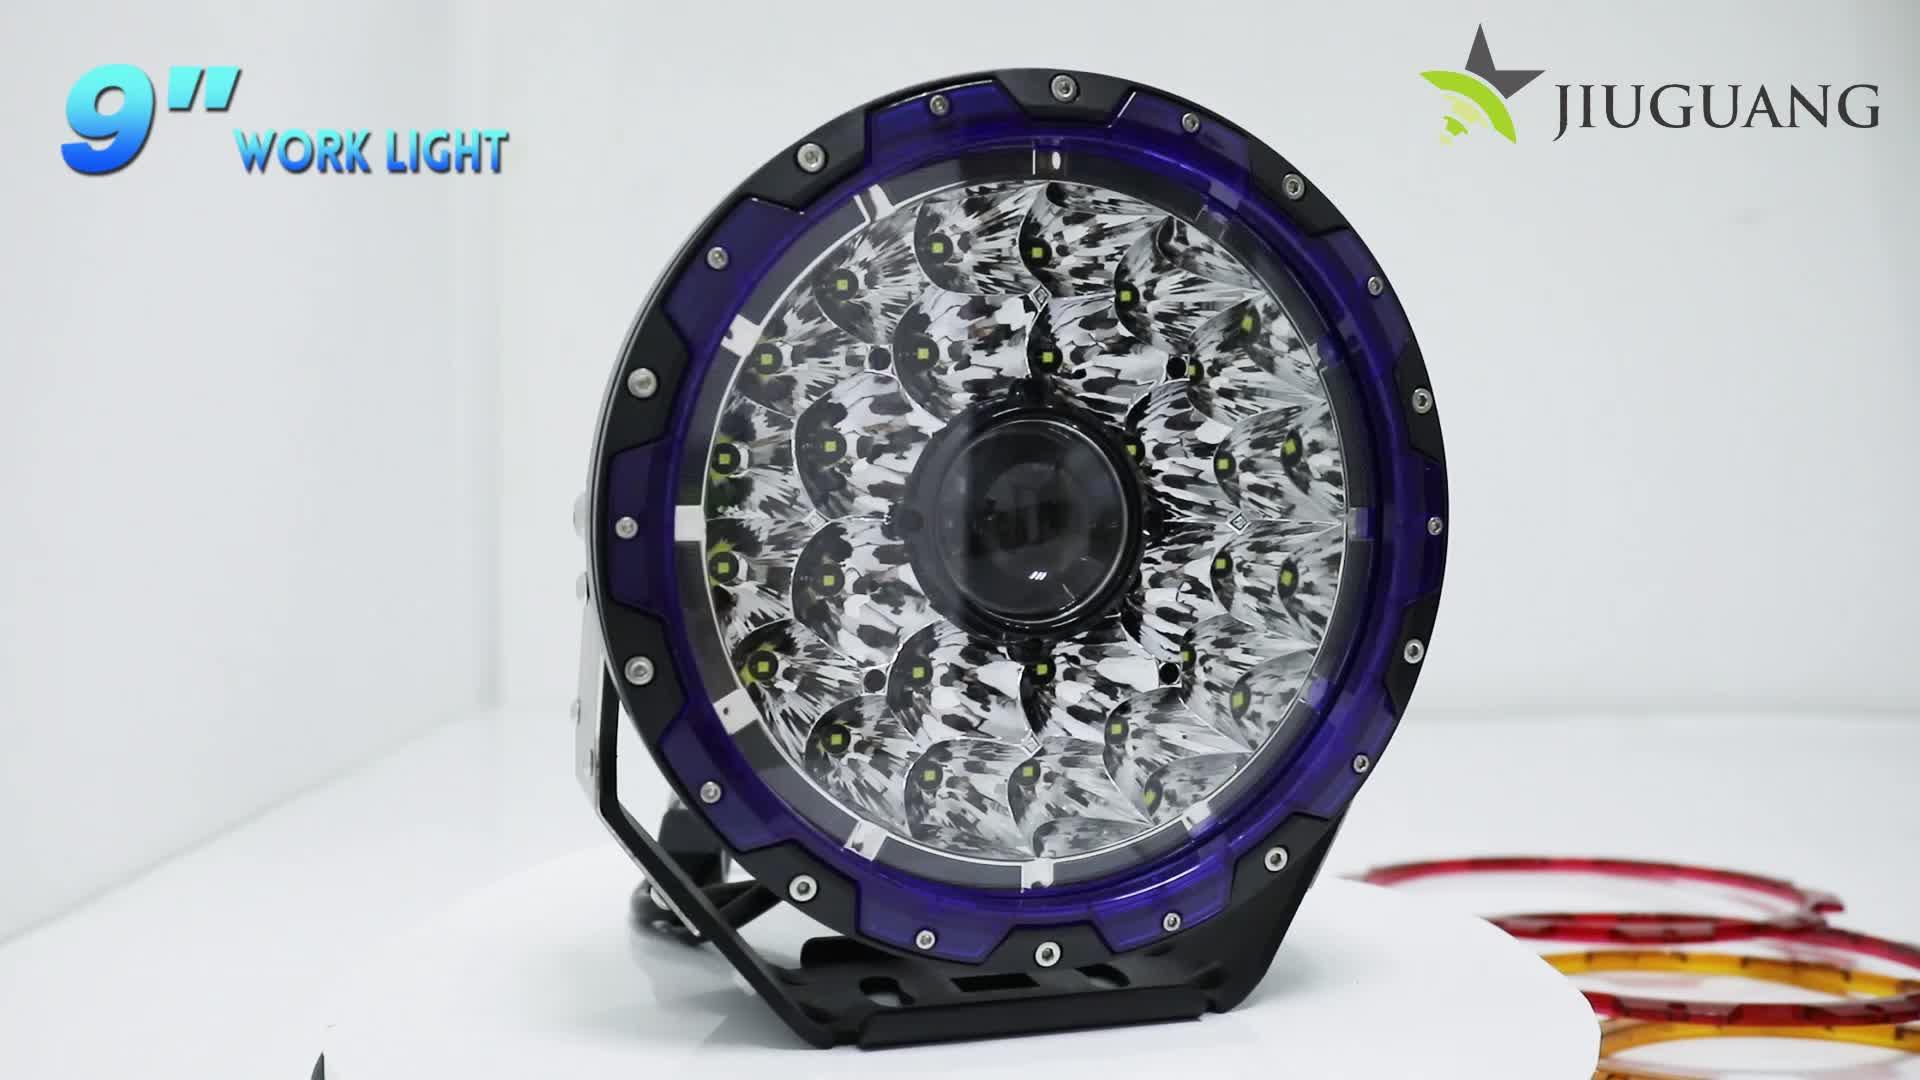 نظام ذاتي الإضاءة DRL مصباح عمل LED ، الطرق الوعرة 4x4 سيارة شاحنة 2000 متر 7 بوصة 8.5 بوصة 9 بوصة LED ضوء الليزر العمل